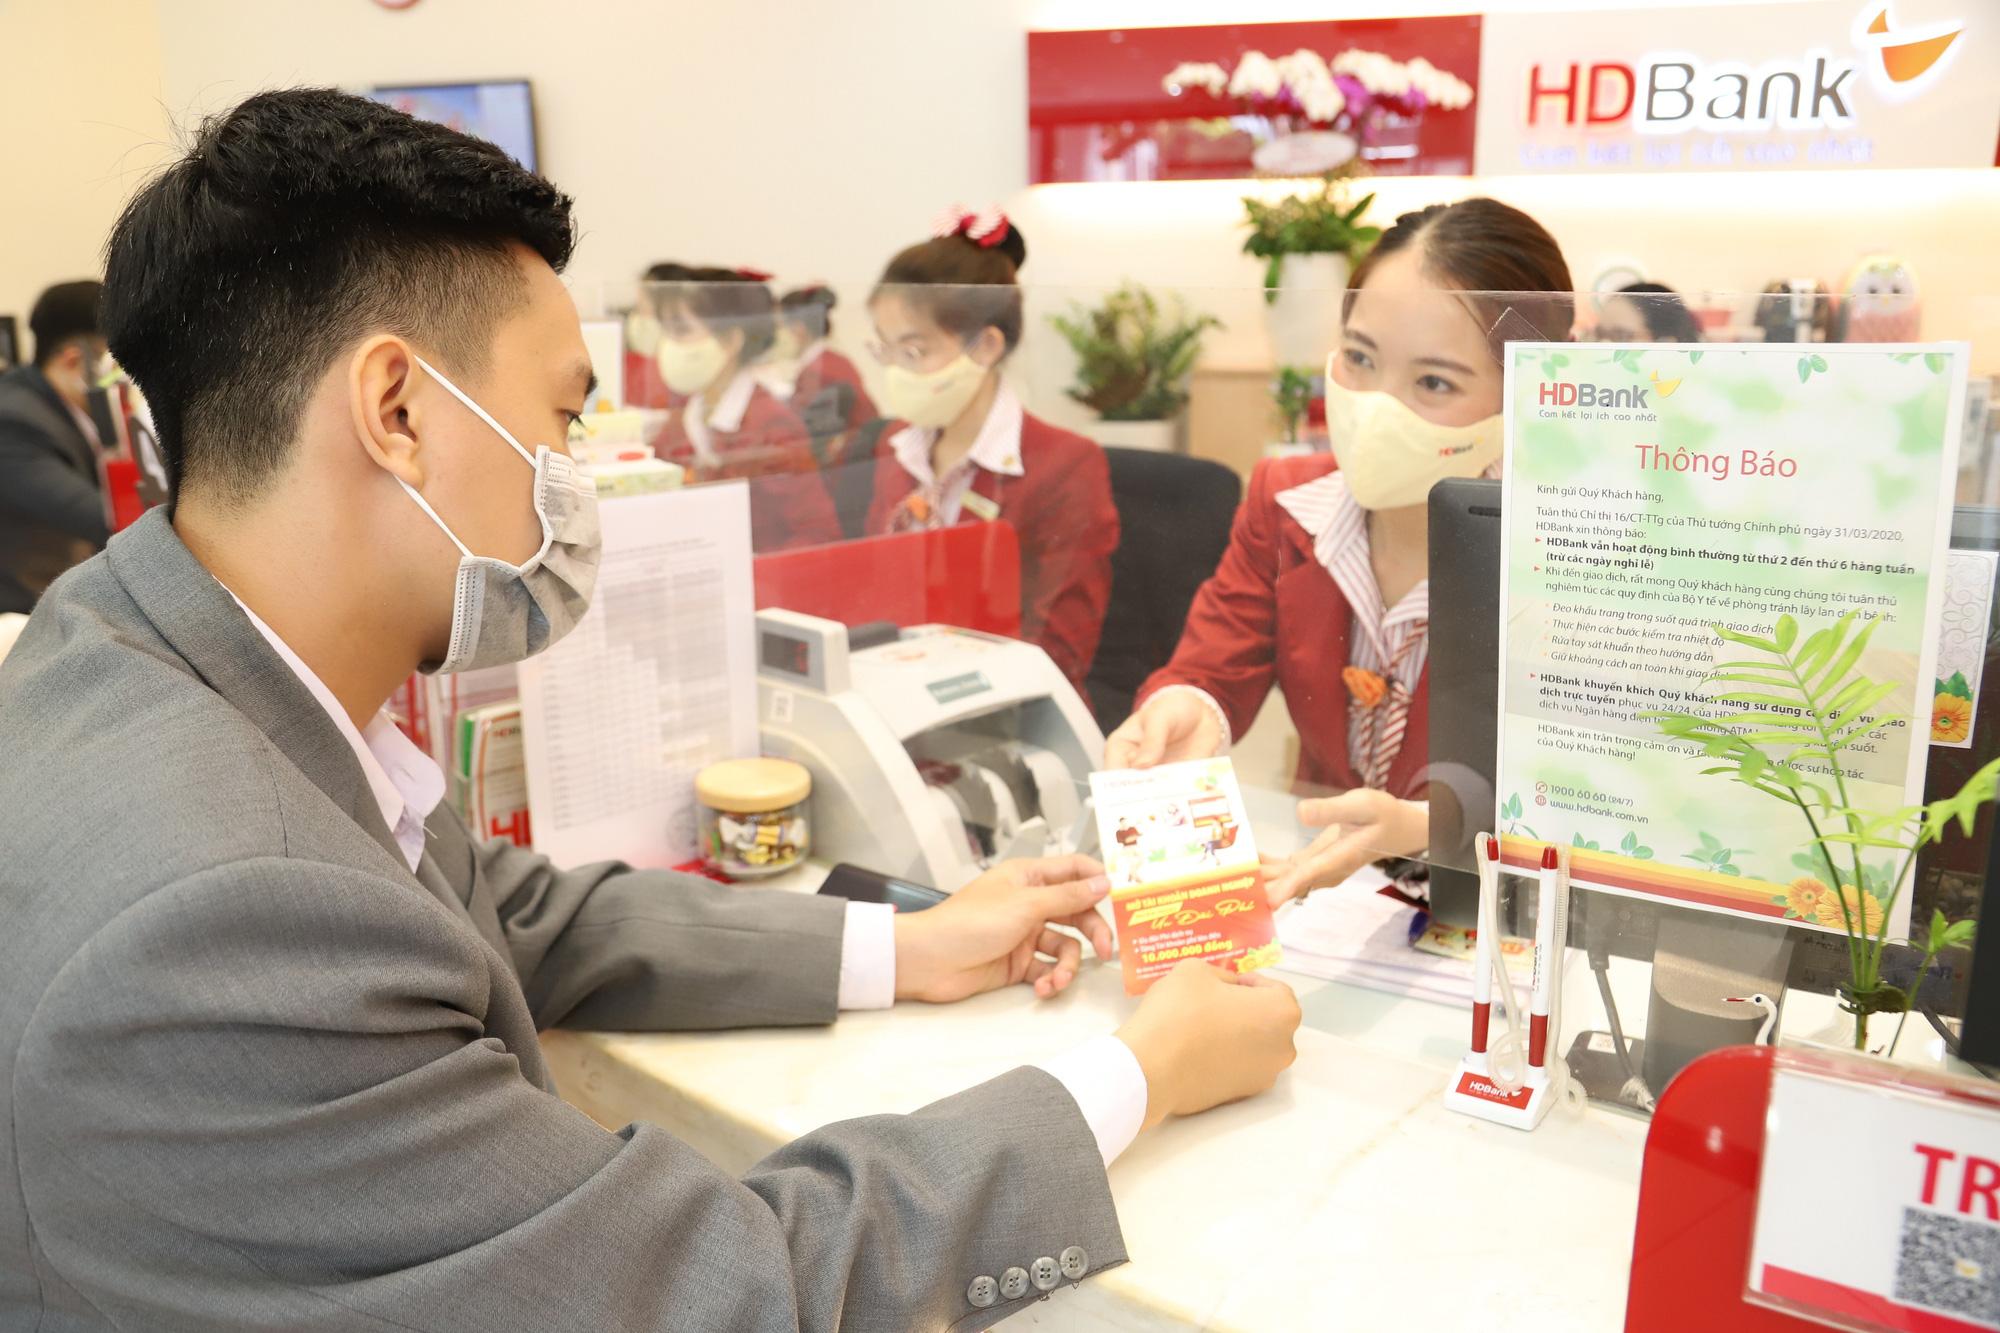 HDBank hoàn thành 58% kế hoạch năm, thu nhập dịch vụ tăng mạnh - Ảnh 1.